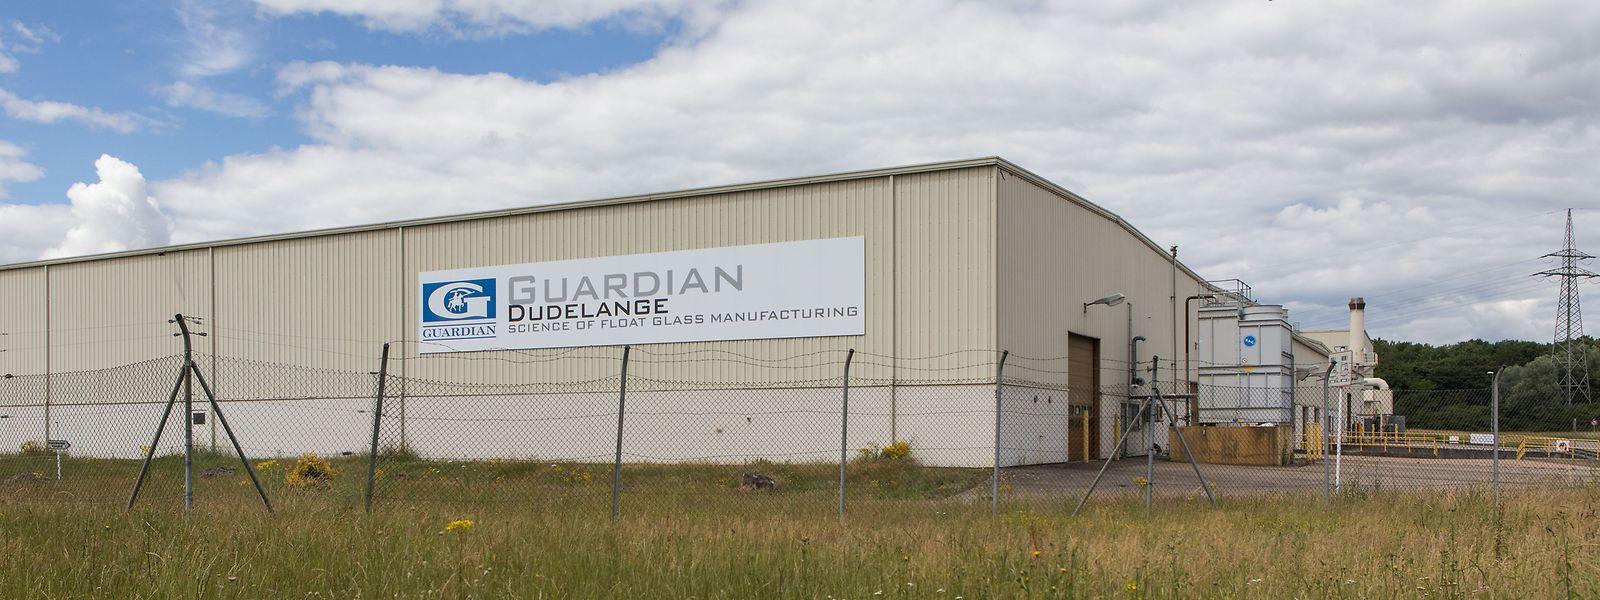 Die Luxguard-Produktionsstätte in Düdelingen mit dem alten Glasofen (rechts im Bild). Einen neuen will Guardian für das Werk nicht anschaffen.